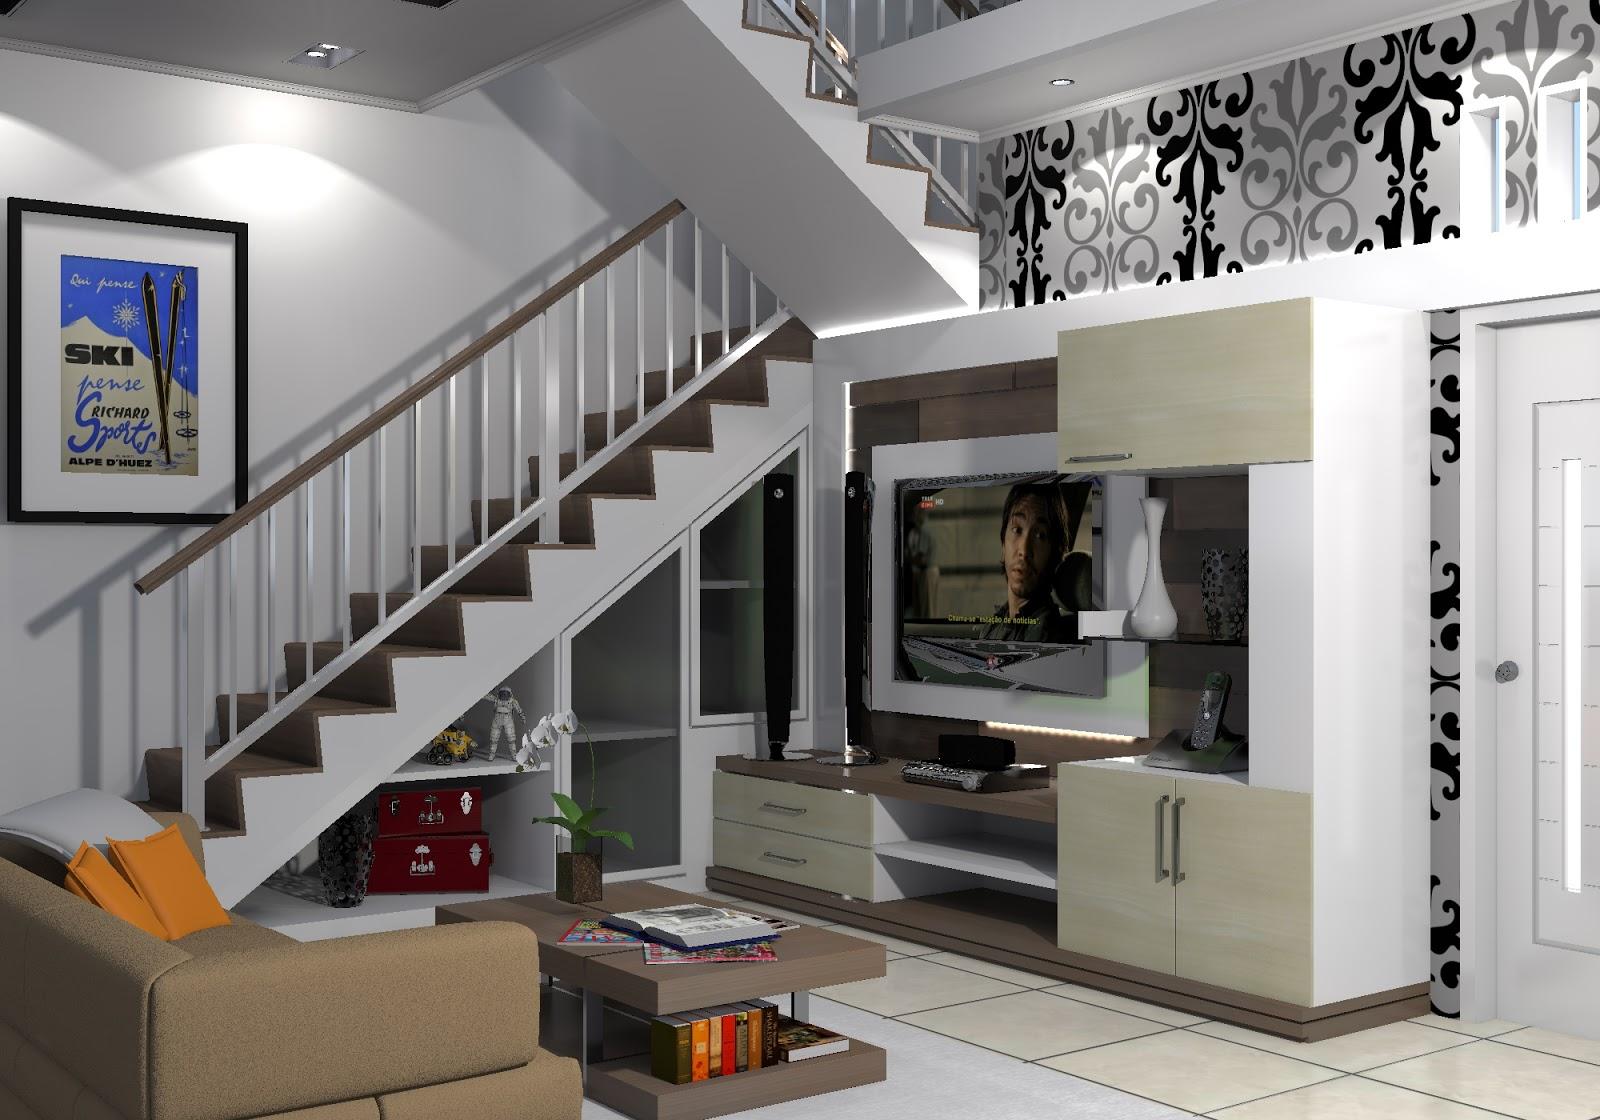 ruang keluarga lantai 2 di malang dan batu